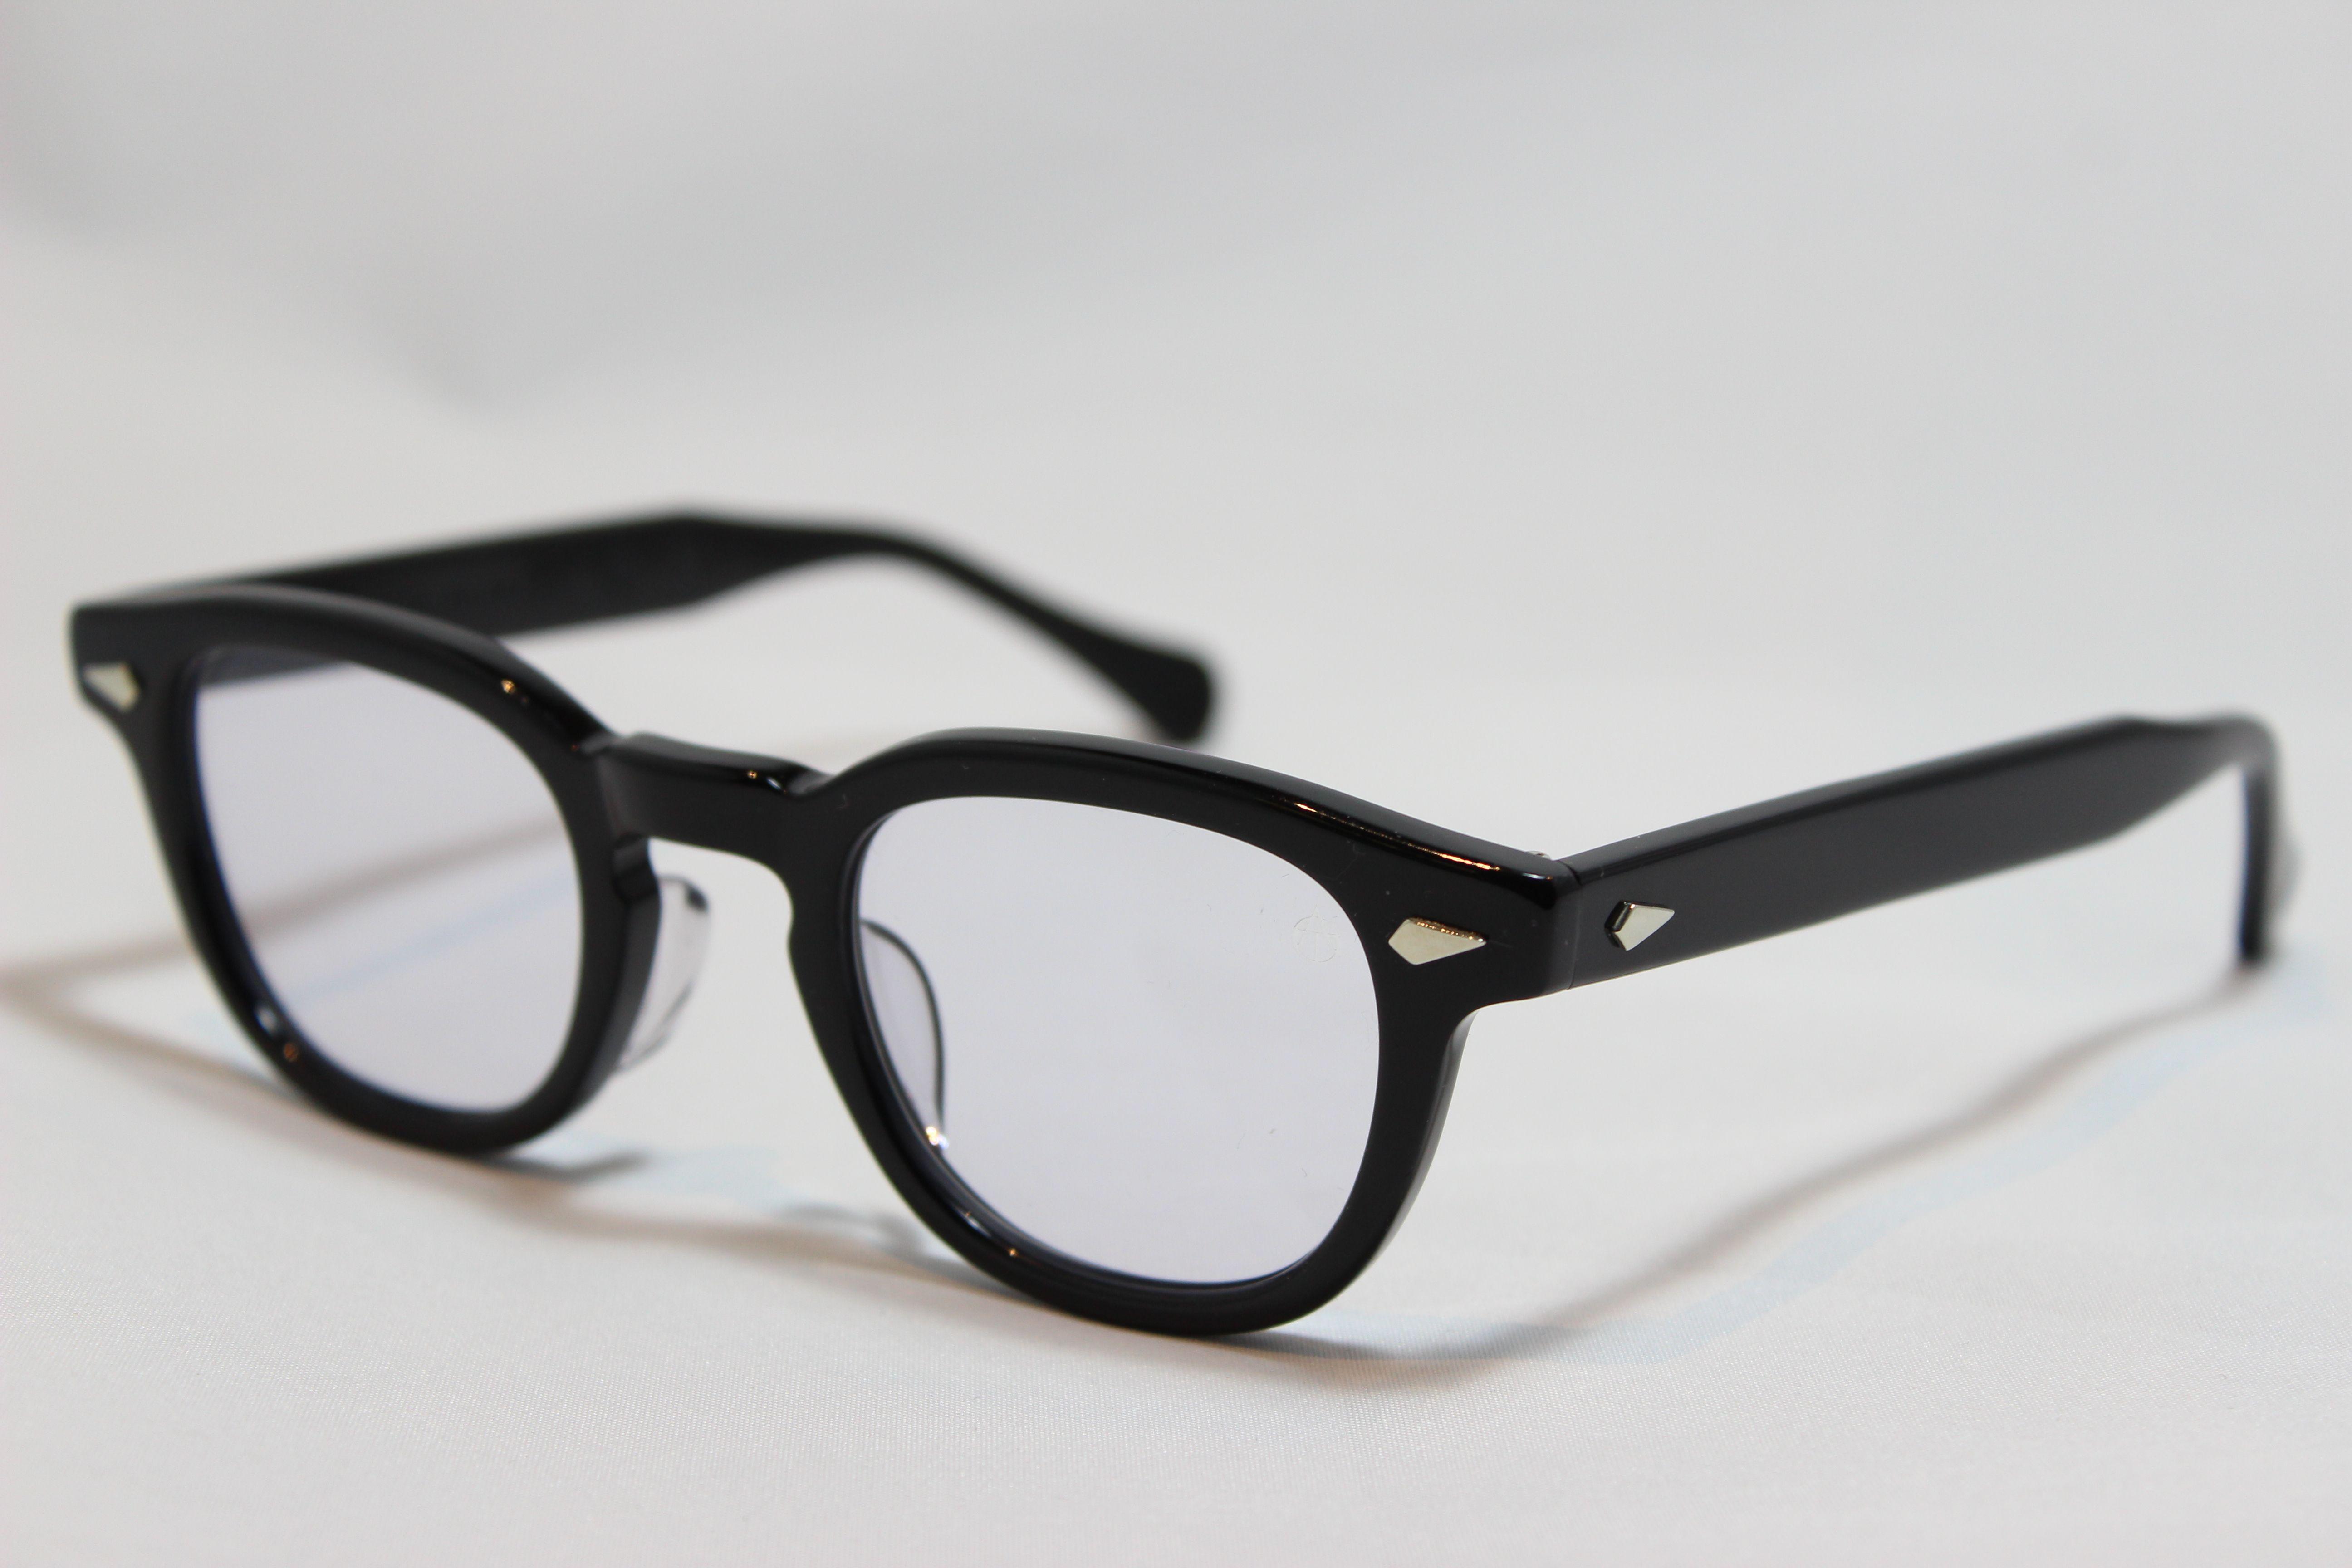 【送料無料】TART OPTICAL ARNEL( タート オプチカル アーネル ) JD-04 Black 【44 】Size